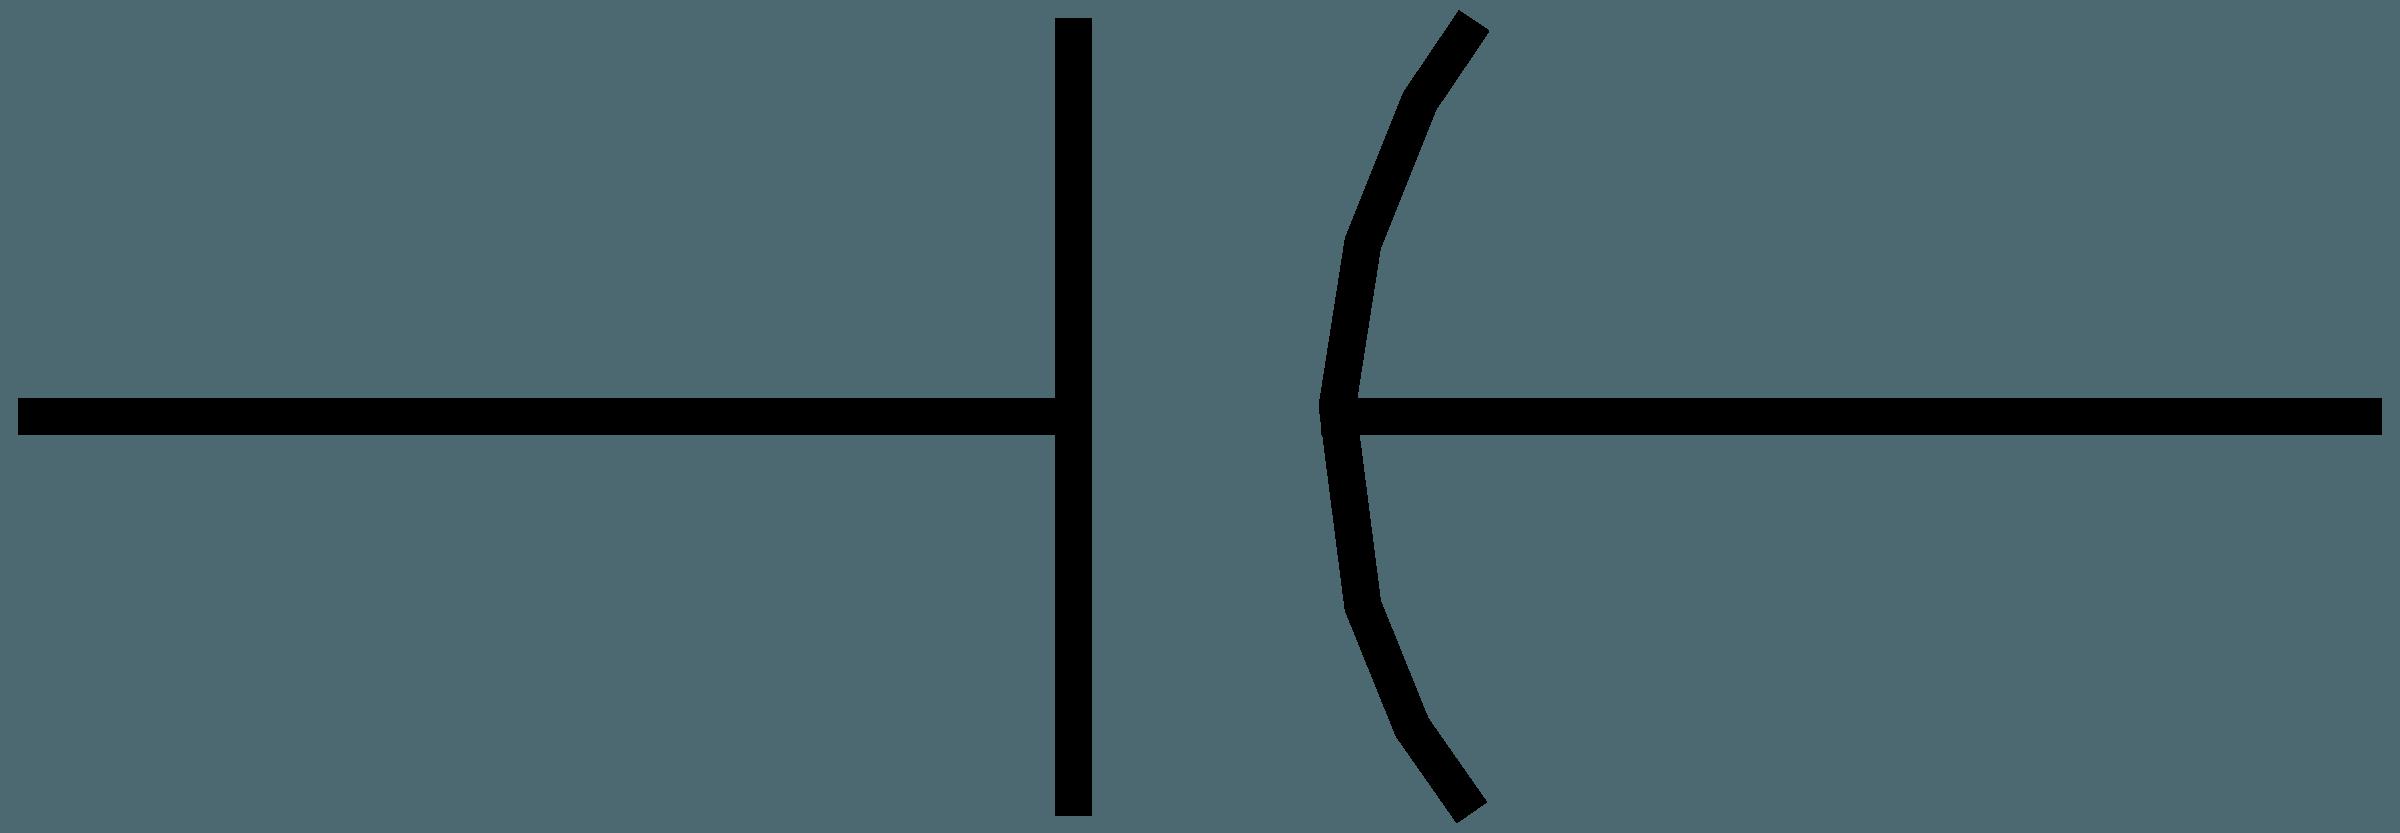 Symbol Of Capacitor Clipart Best